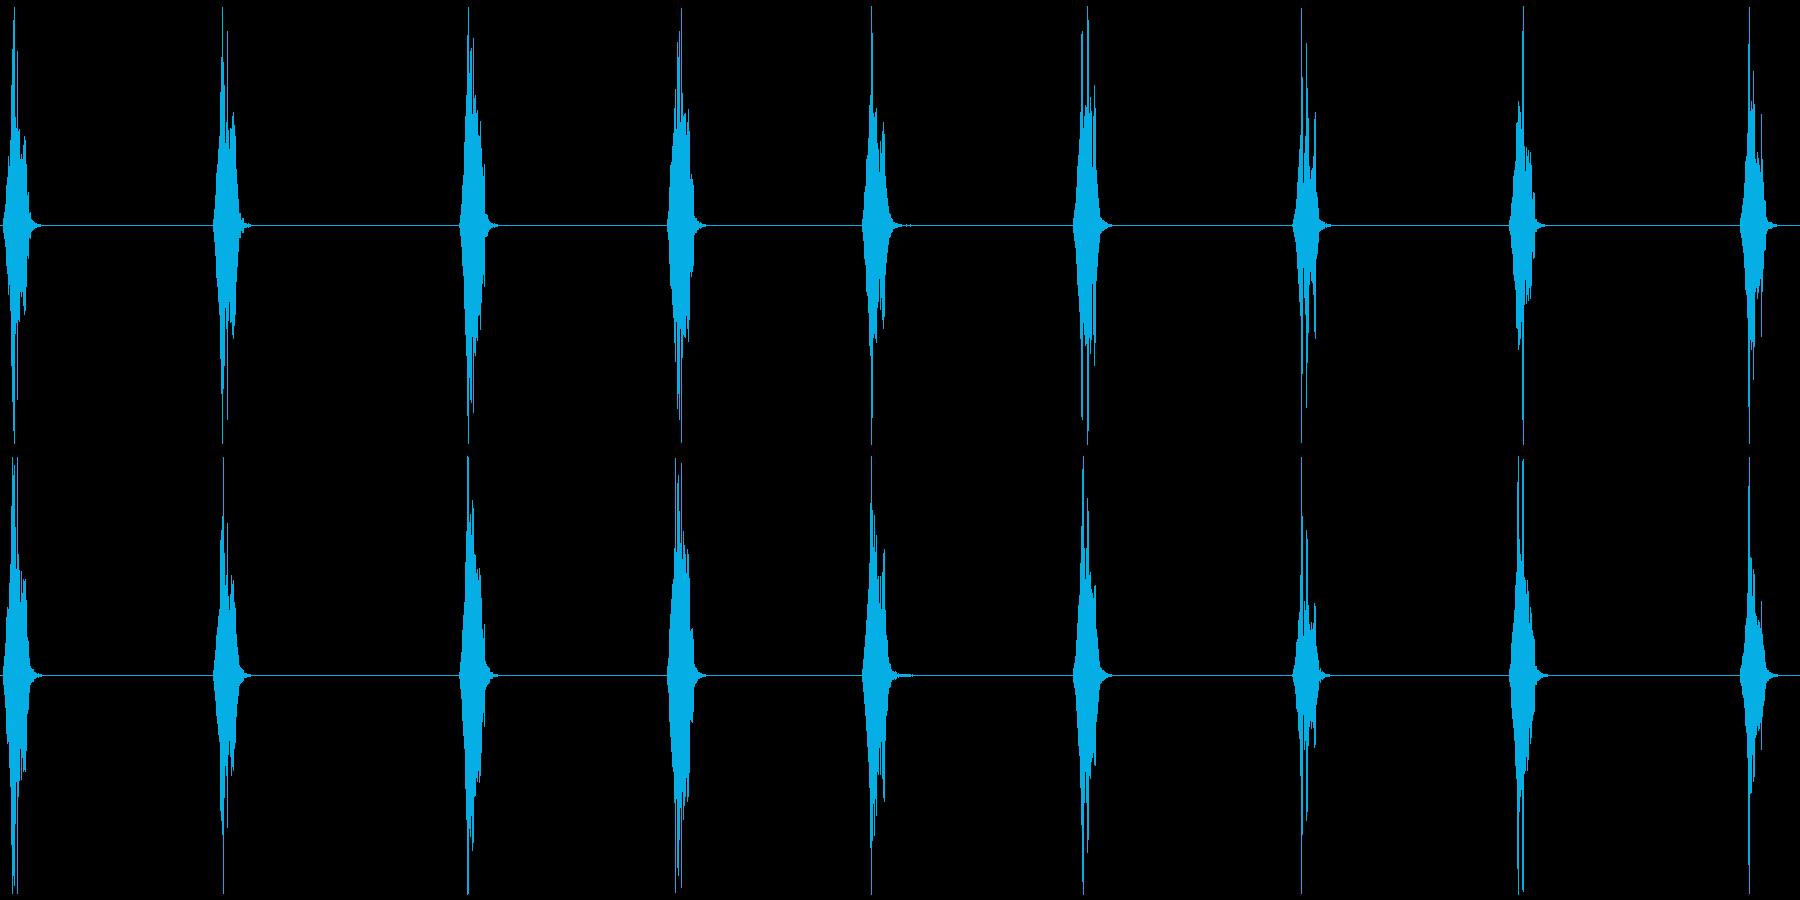 スズメの鳴き声 B 長めの再生済みの波形